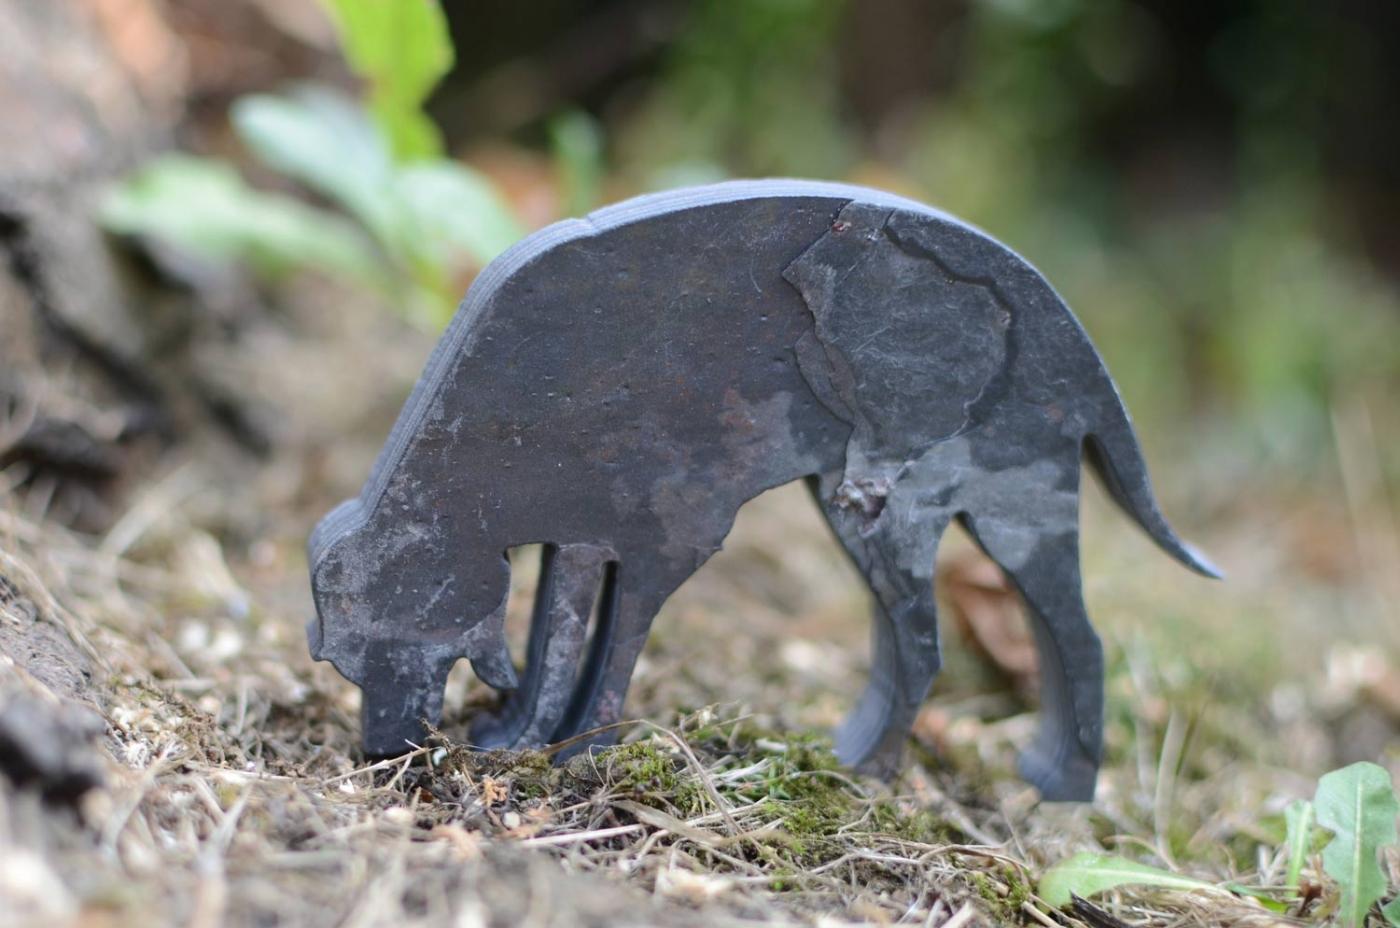 A small slate dog, palm sized.